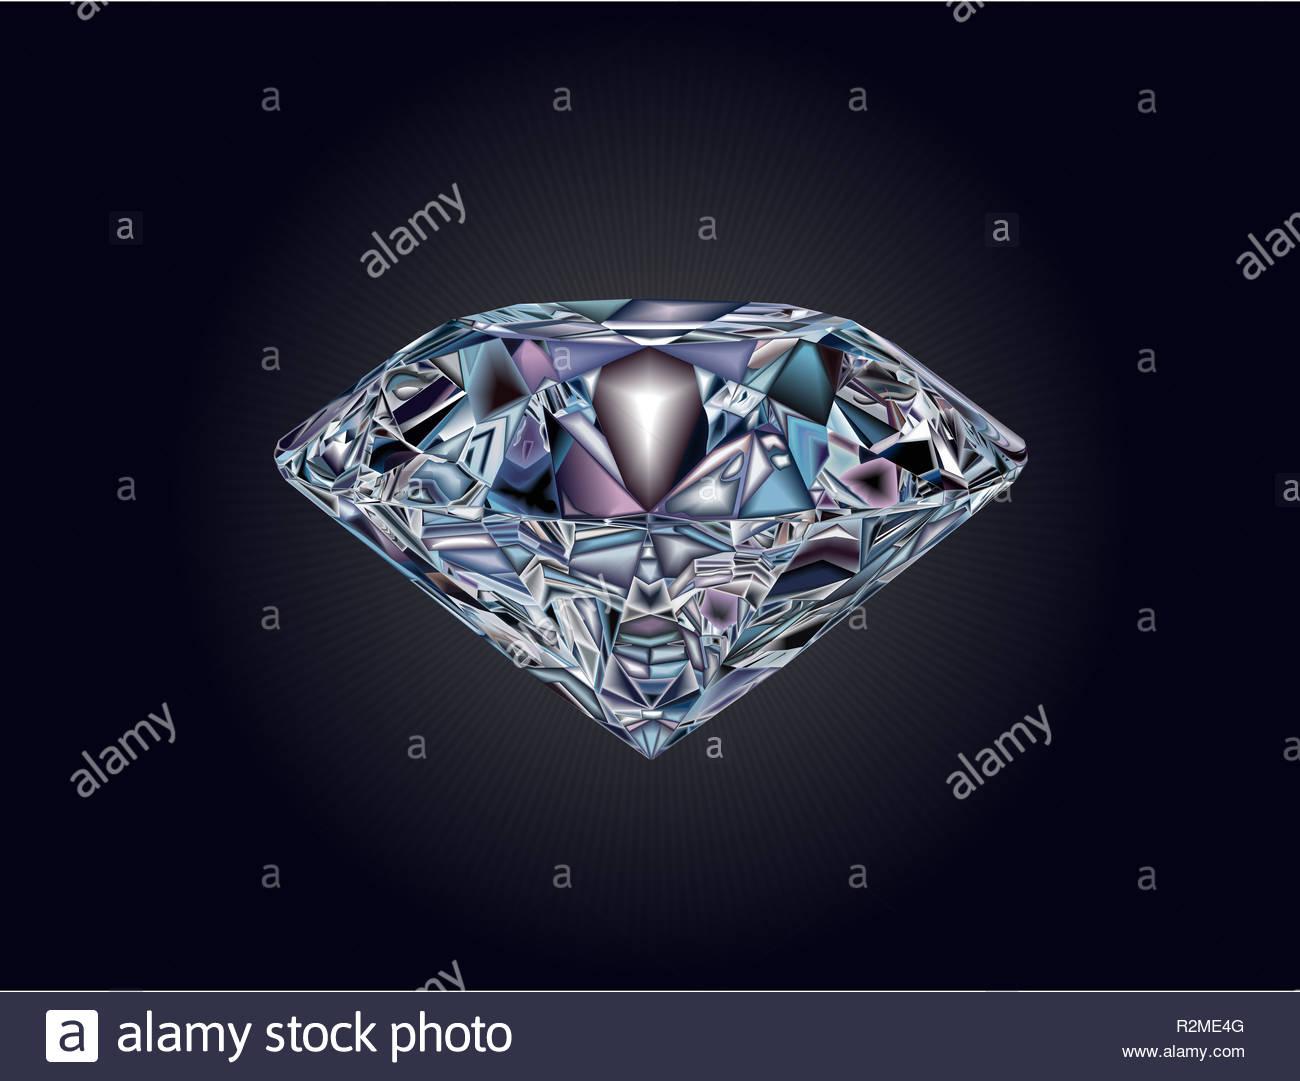 3141e9d10f18 Ilustración del diamante realista en una forma hermosa. Un cristal brillante  en colores oscuros y